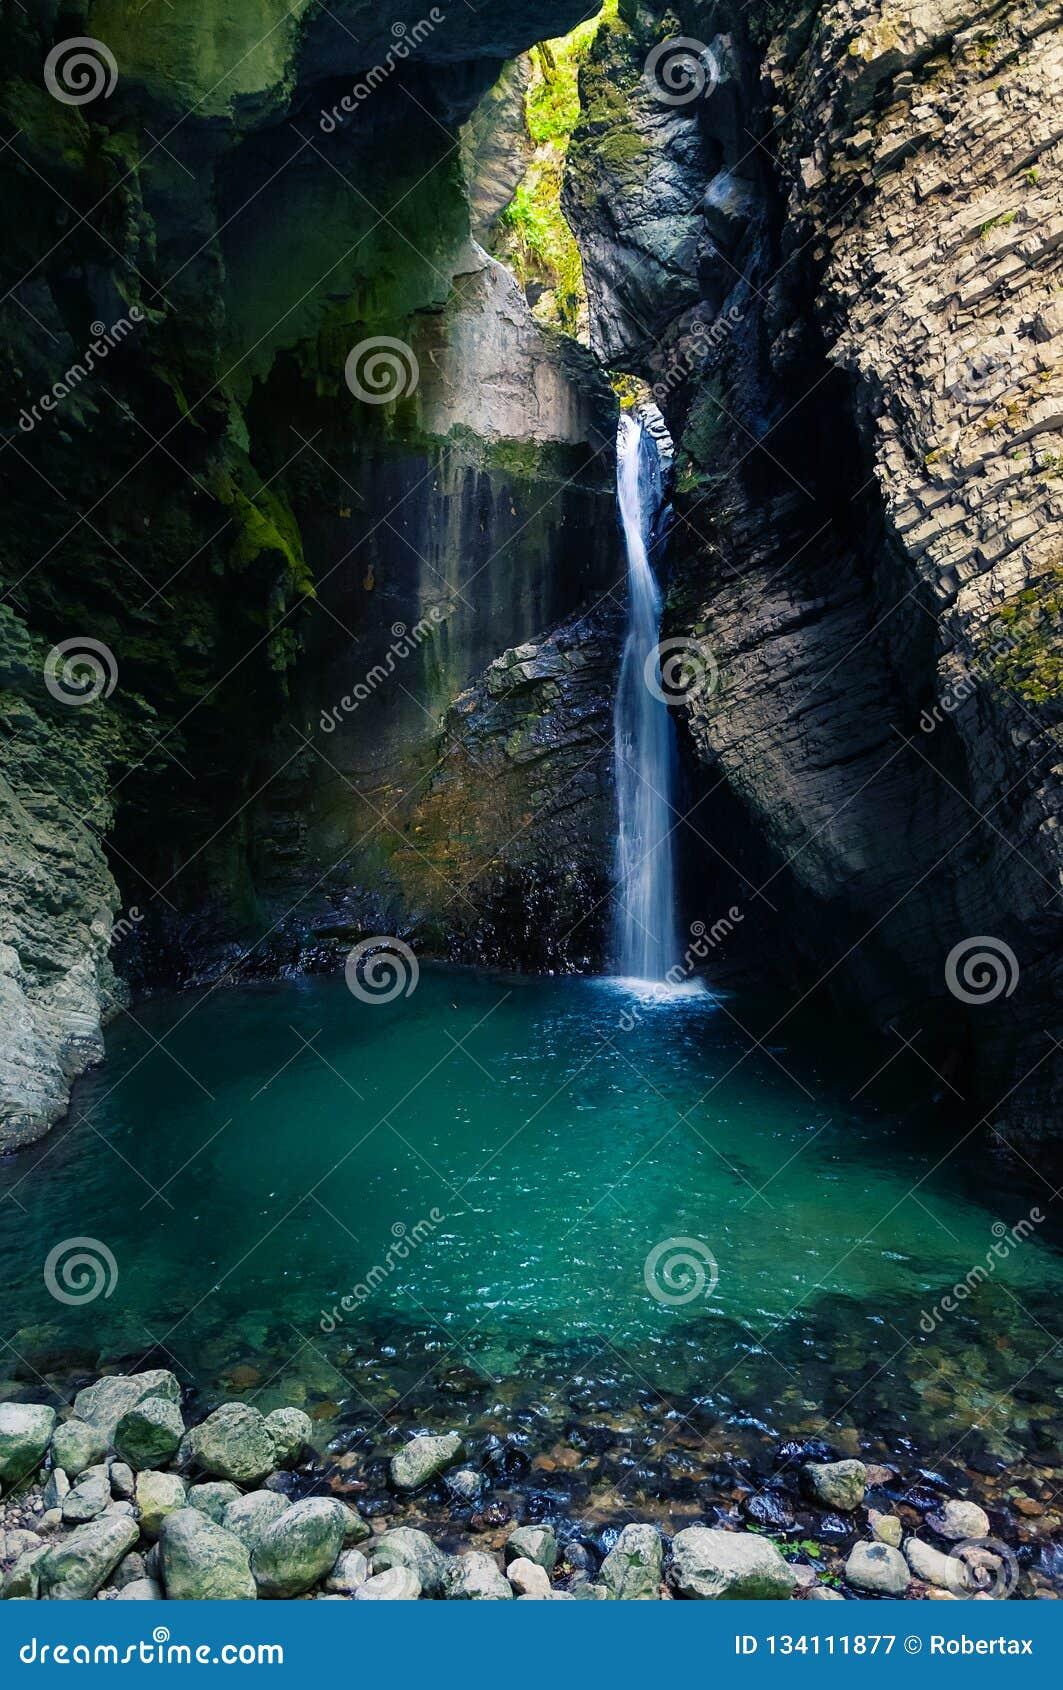 Beautiful Kozjak waterfall hidden in canyon near Kobarid in Slovenia